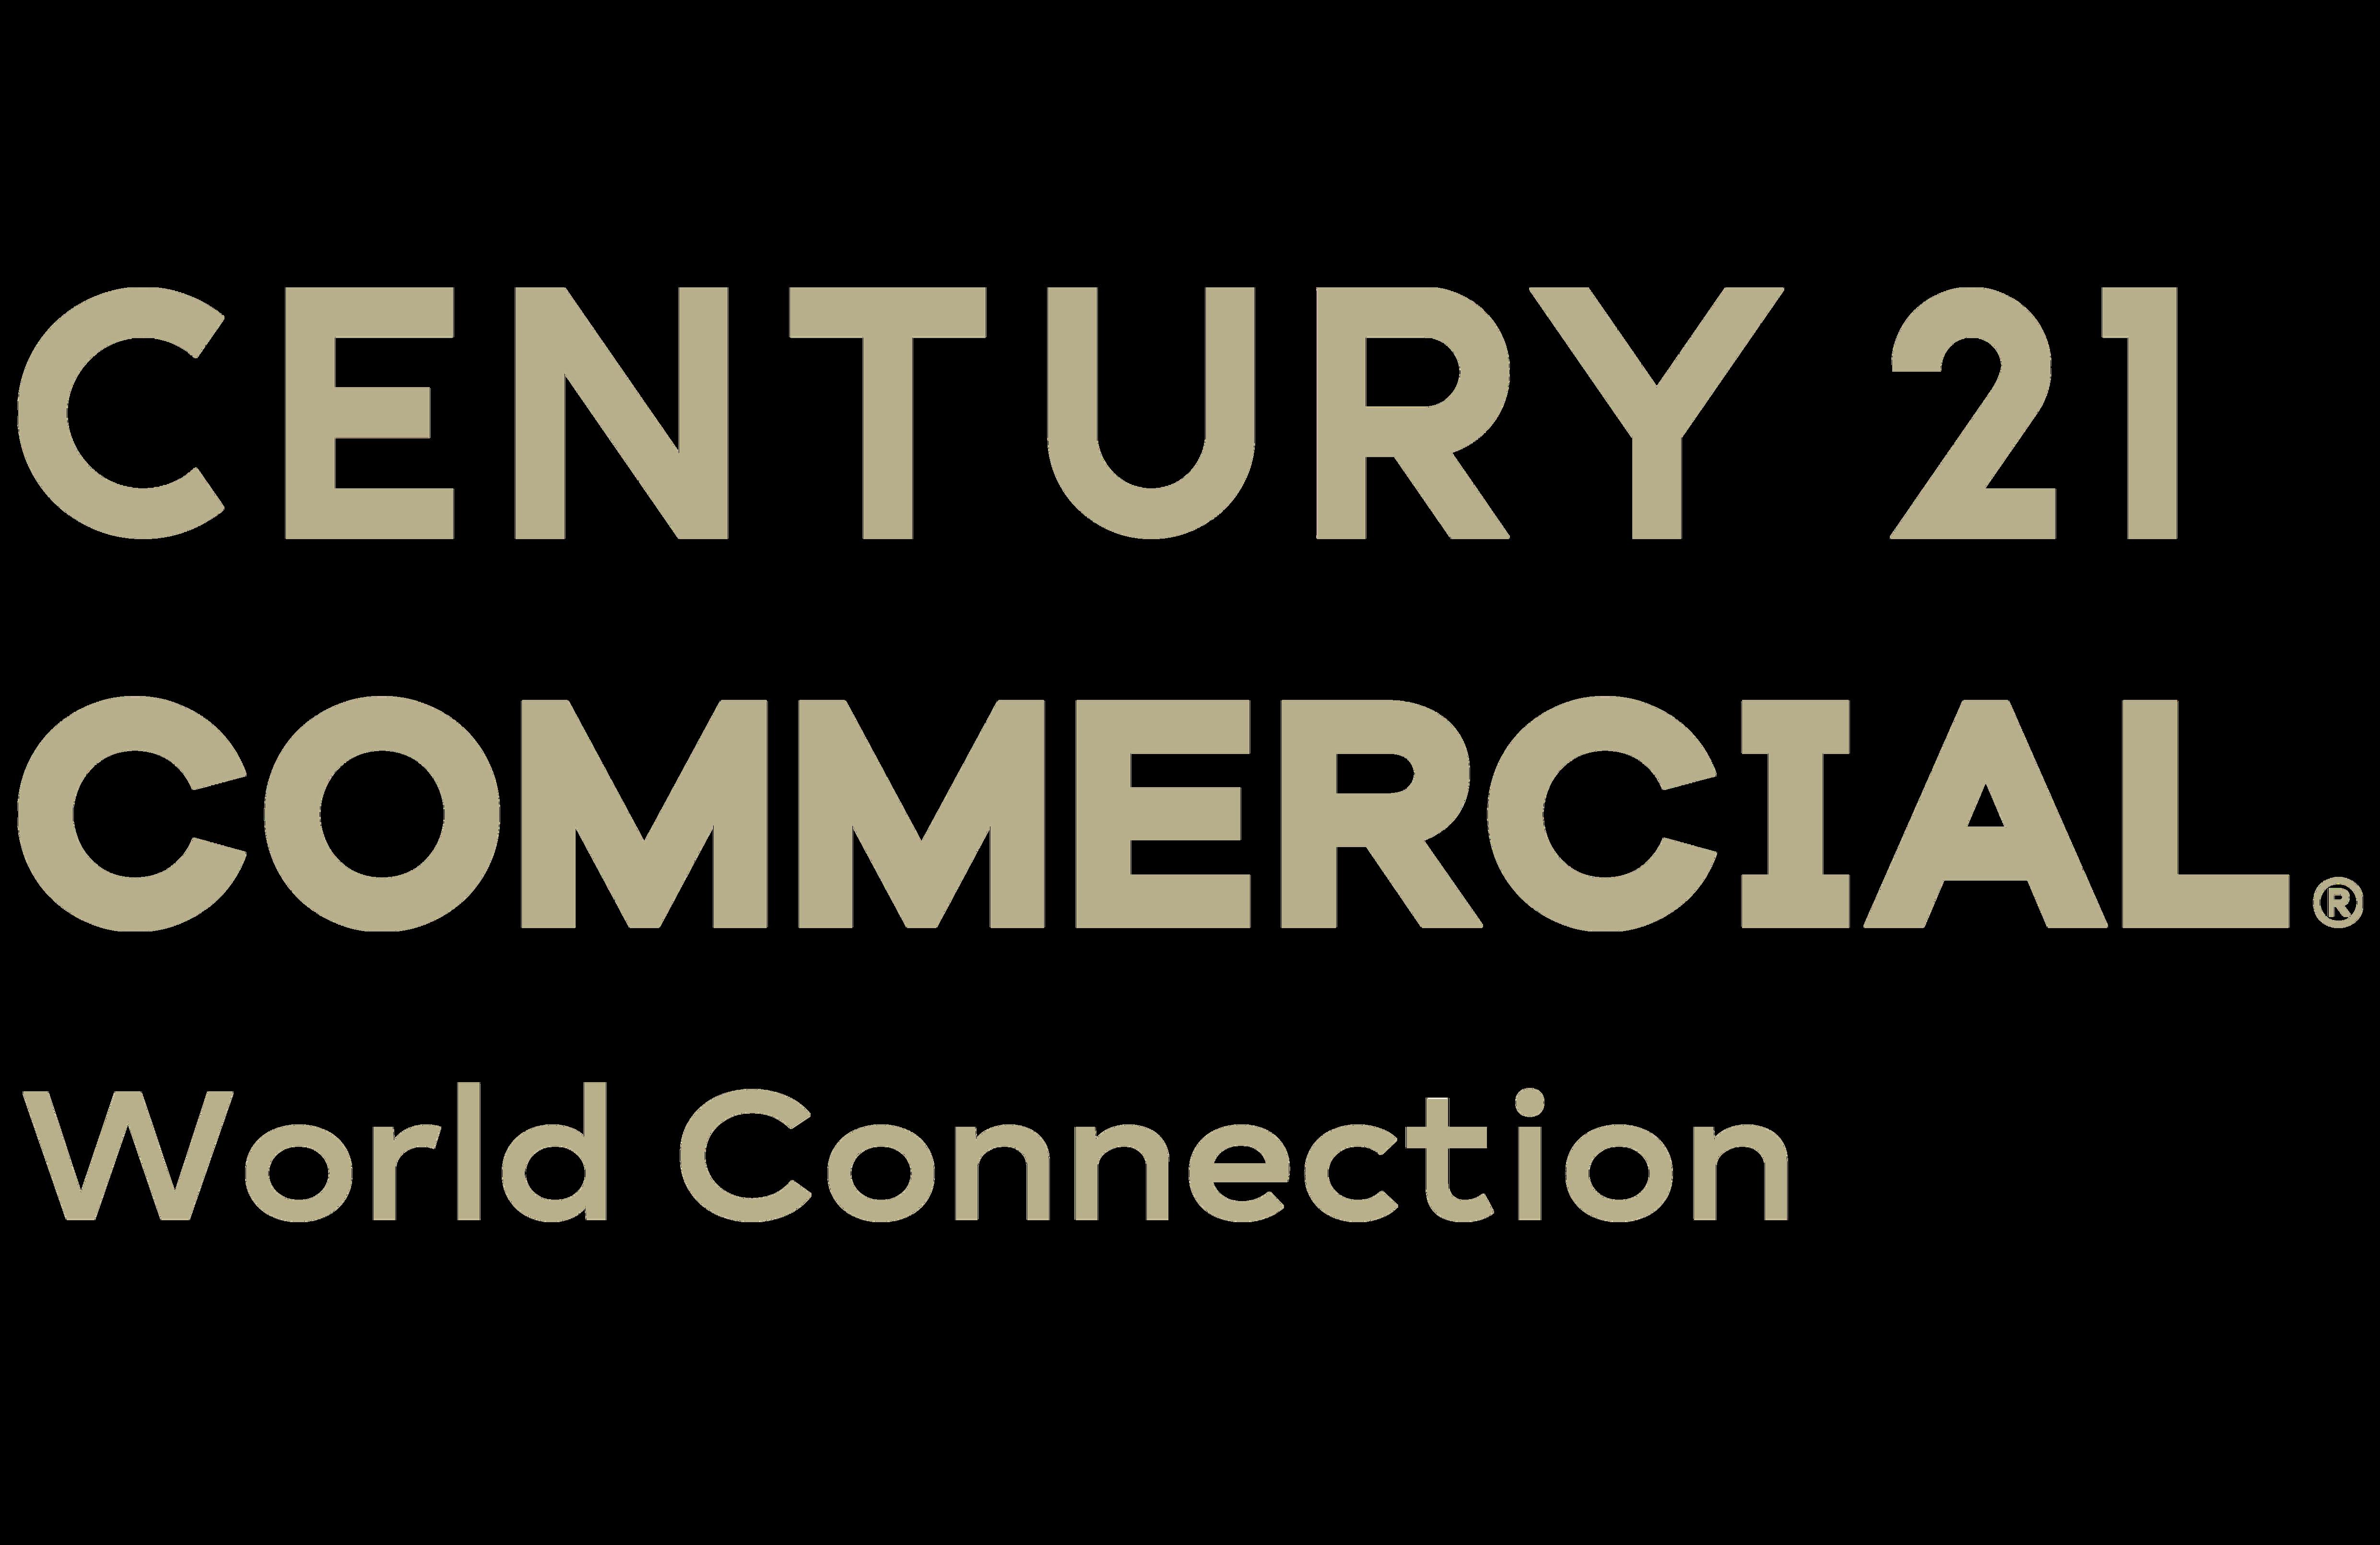 Ricardo Bowen of CENTURY 21 World Connection logo